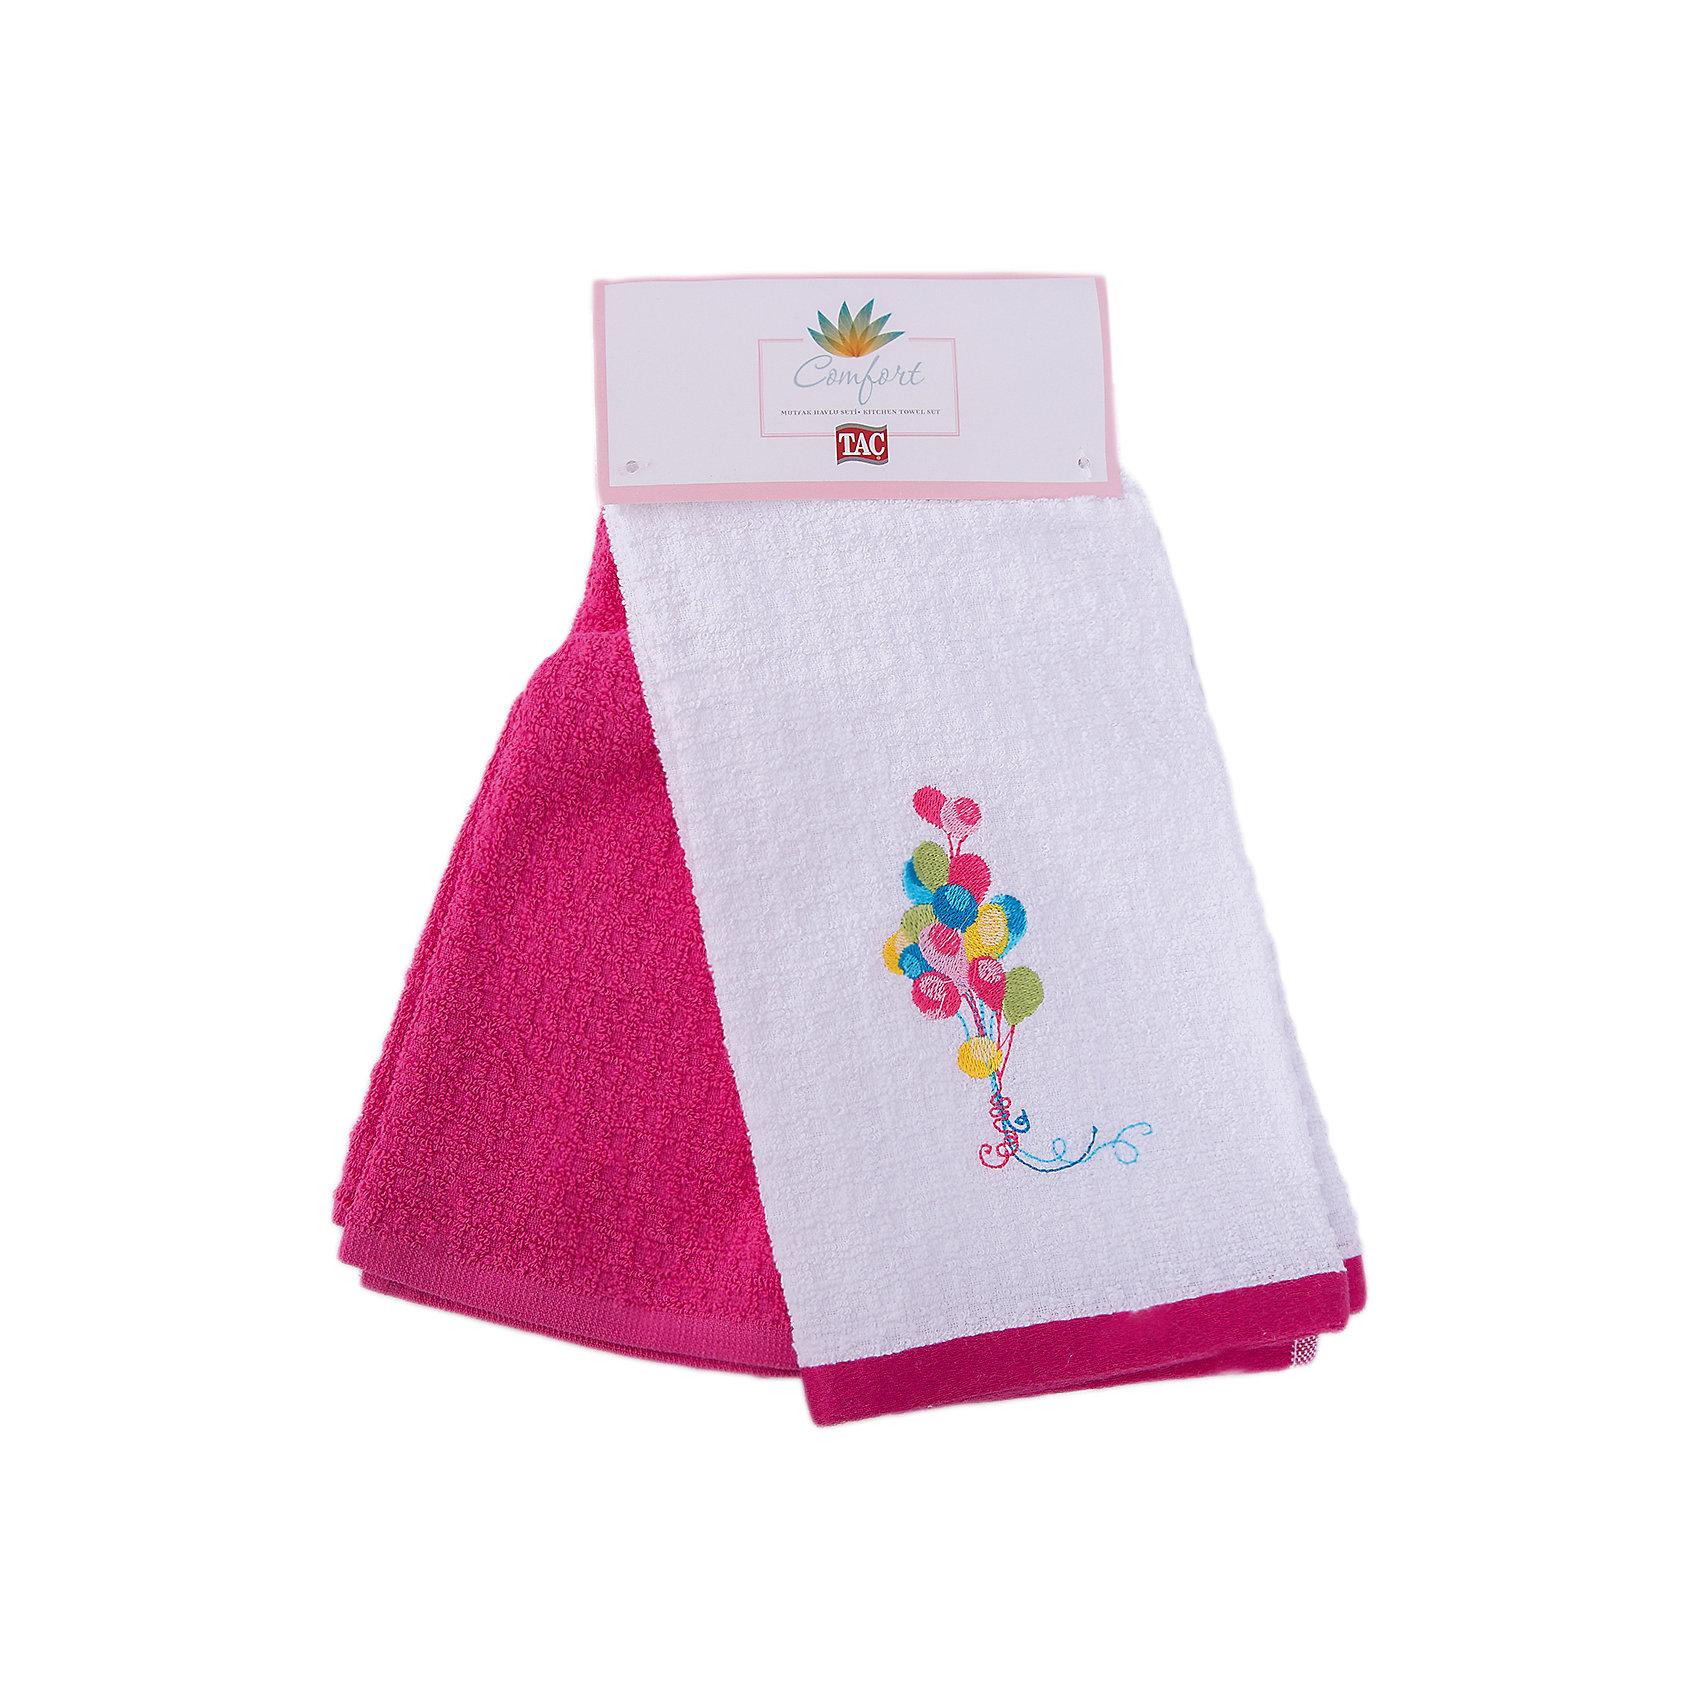 Набор кухонных полотенец 40*60, 2шт., TAC, BALLOONХарактеристики:<br><br>• Вид домашнего текстиля: кухонное полотенце<br>• Размеры полотенца: 40*60 см<br>• Рисунок: воздушные шары<br>• Декор: вышивка<br>• Материал: хлопок, 100% <br>• Цвет: белый, красный, желтый, зеленый<br>• Плотность полотна: 350 гр/м2 <br>• Комплектация: 2 полотенца<br>• Вес: 205 г<br>• Размеры упаковки (Д*Ш*В): 32*3*15 см<br>• Особенности ухода: машинная стирка <br><br>Набор кухонных полотенец 40*60, 2шт., TAC, BALLOON от наиболее популярного бренда на отечественном рынке среди производителей комплектов постельного белья и текстильных принадлежностей, выпуском которого занимается производственная компания, являющаяся частью мирового холдинга Zorlu Holding Textiles Group. <br><br>Полотенца выполнены из натурального хлопка, что обеспечивает высокие впитывающие и износоустойчивые качества. Благодаря высокой степени плотности махры, изделия отлично впитывают влагу, легко отстирываются от пятен и не требуют глажки. Выполнены в белом цвете, декорированы вышивкой. <br><br>Набор кухонных полотенец 40*60, 2шт., TAC, BALLOON можно купить в нашем интернет-магазине.<br><br>Ширина мм: 140<br>Глубина мм: 30<br>Высота мм: 300<br>Вес г: 400<br>Возраст от месяцев: 216<br>Возраст до месяцев: 1188<br>Пол: Унисекс<br>Возраст: Детский<br>SKU: 5476370